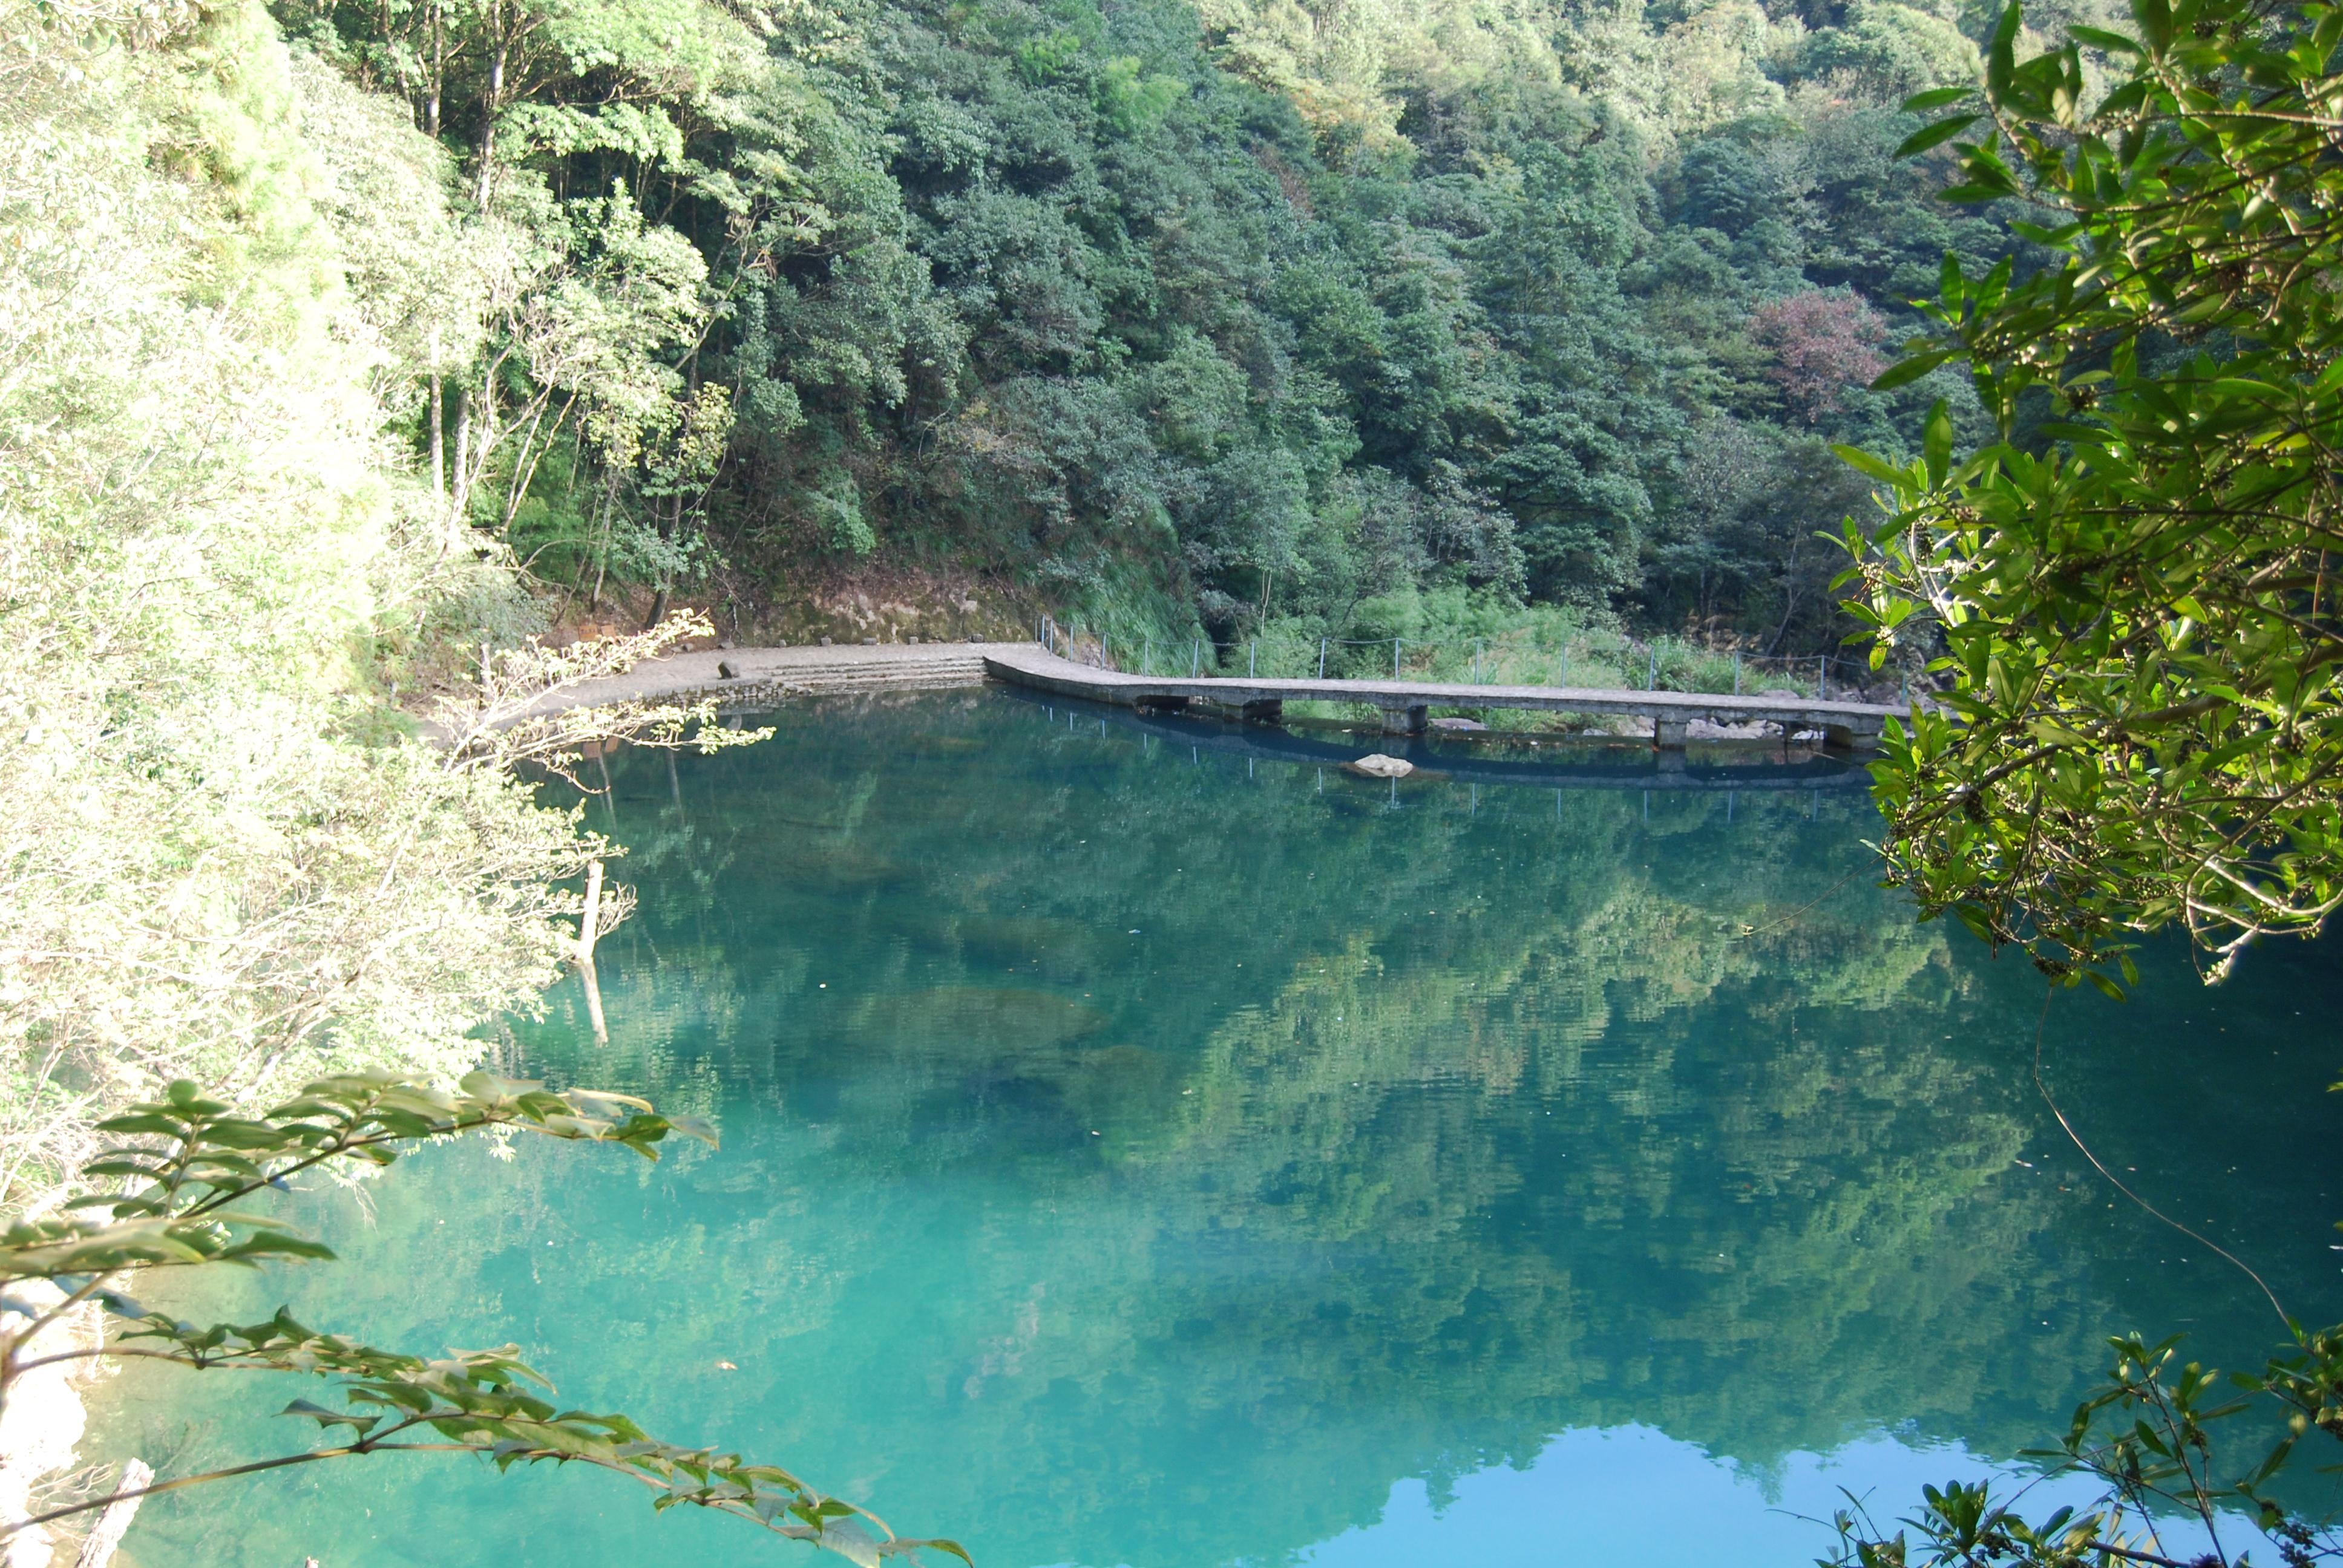 【携程攻略】文成铜铃山森林公园好玩吗,文成铜铃山样图片